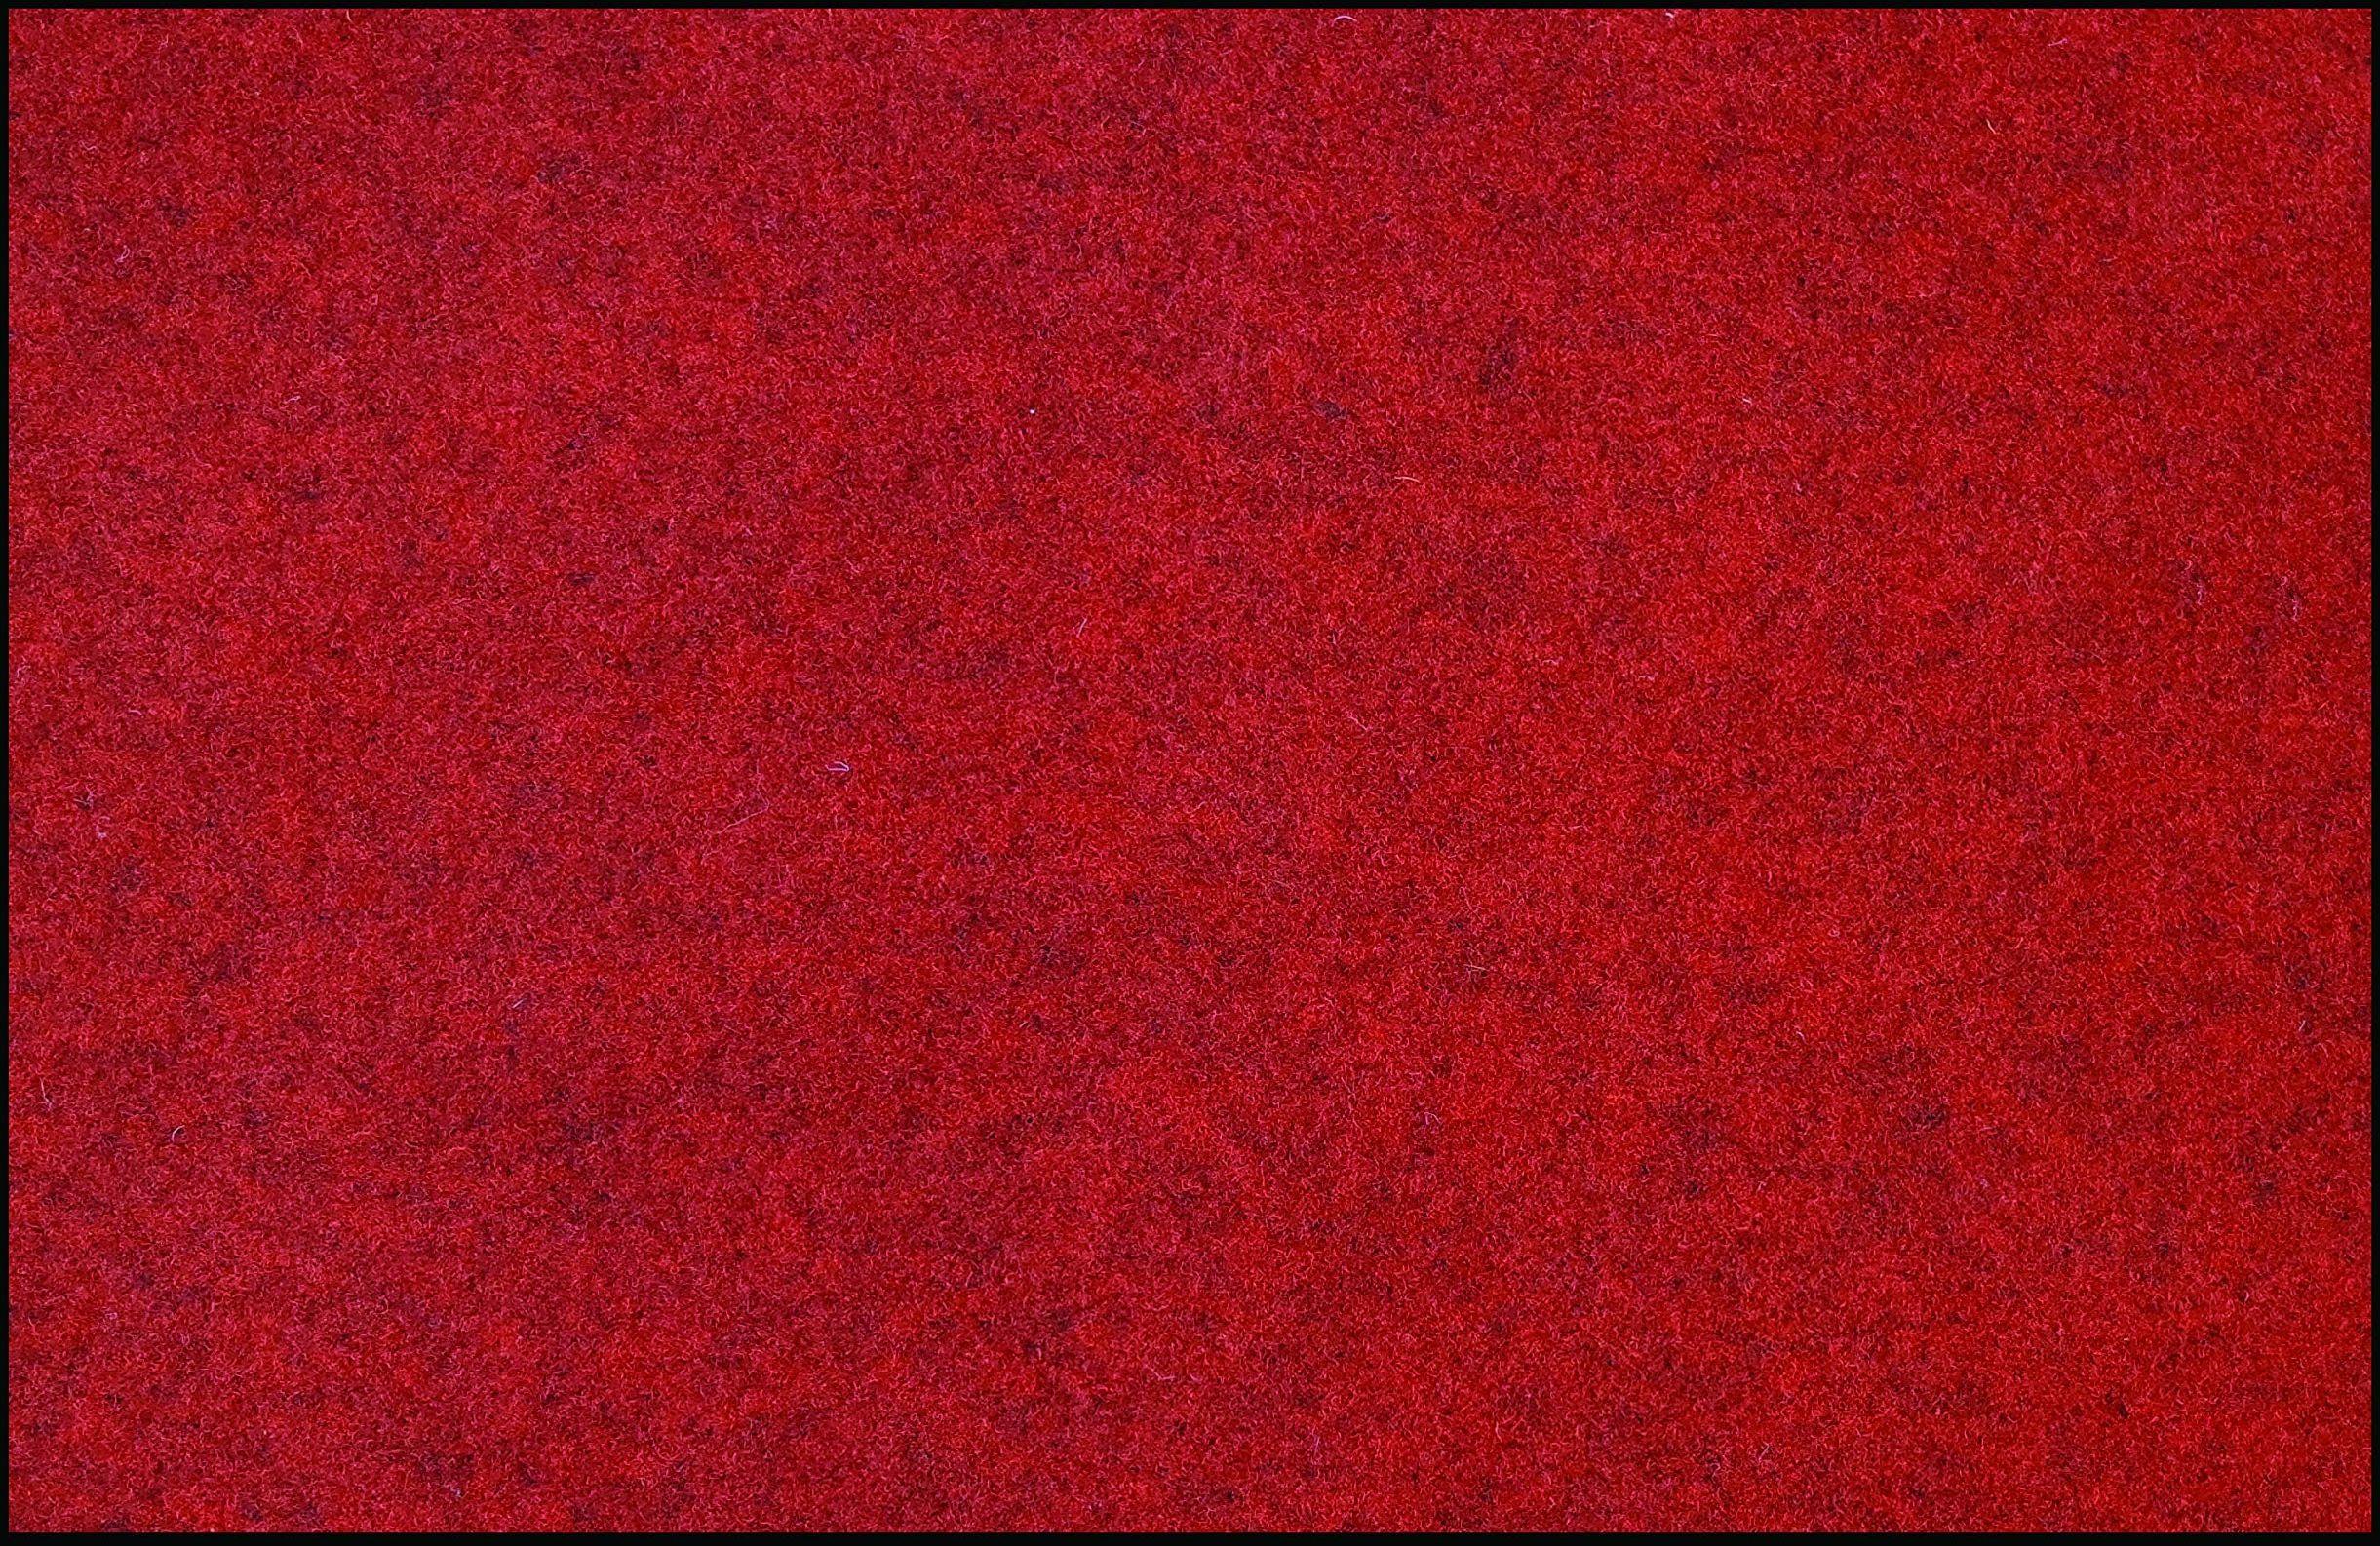 ID mat t Prima, włókna syntetyczne, czerwony, 40 x 60 x 0,5 cm